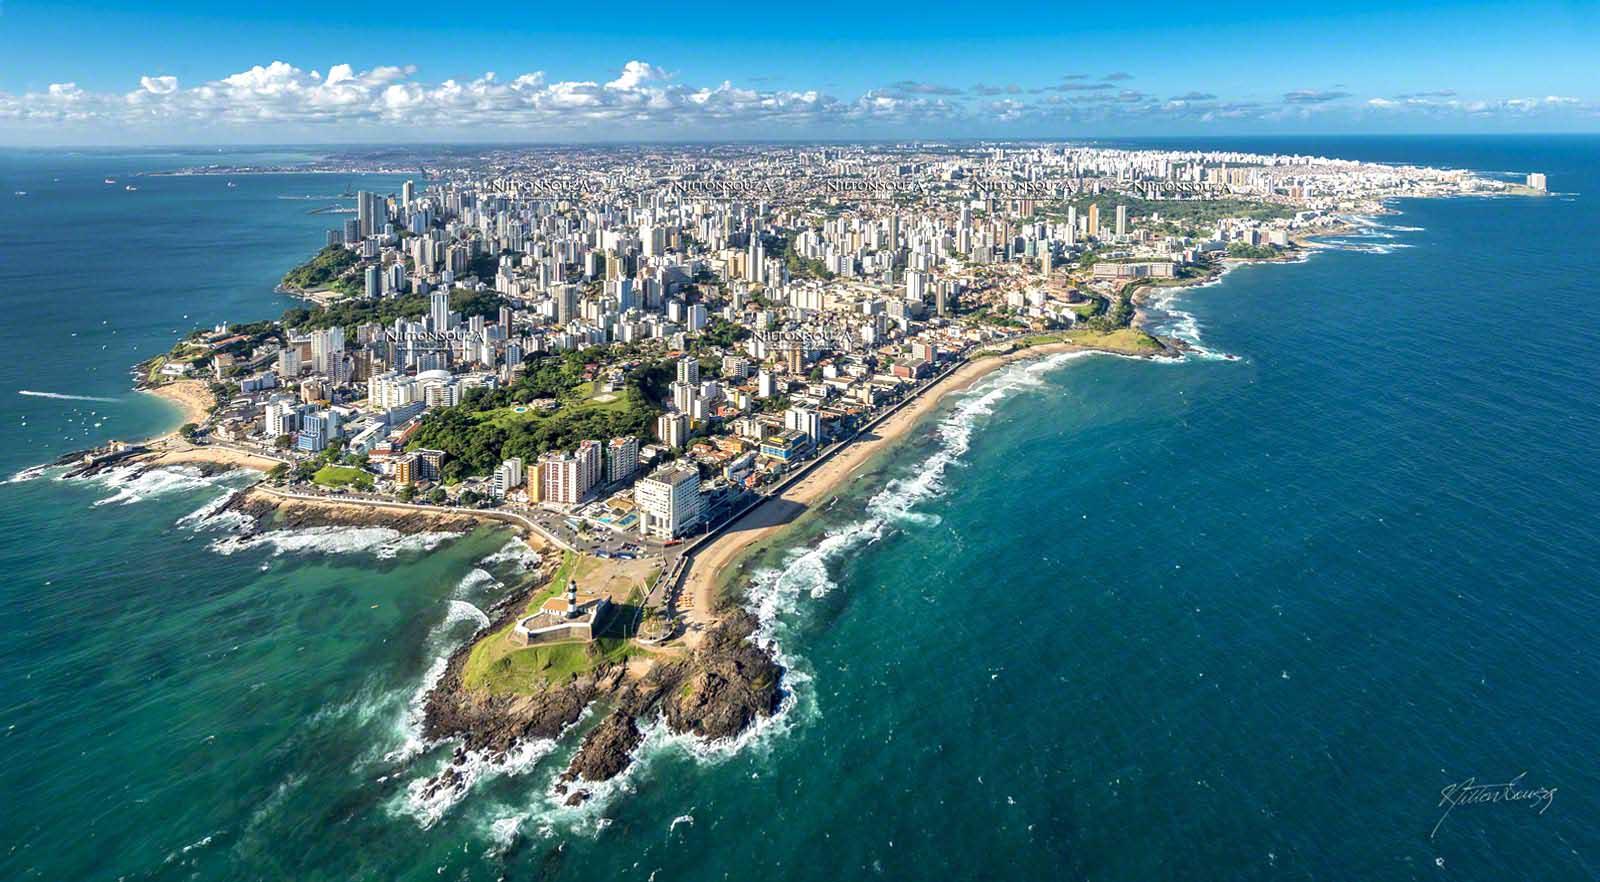 Salvador a primeira capital do Brasil, fazendo 469 anos hoje 29 de março de 2018.Veja mais...